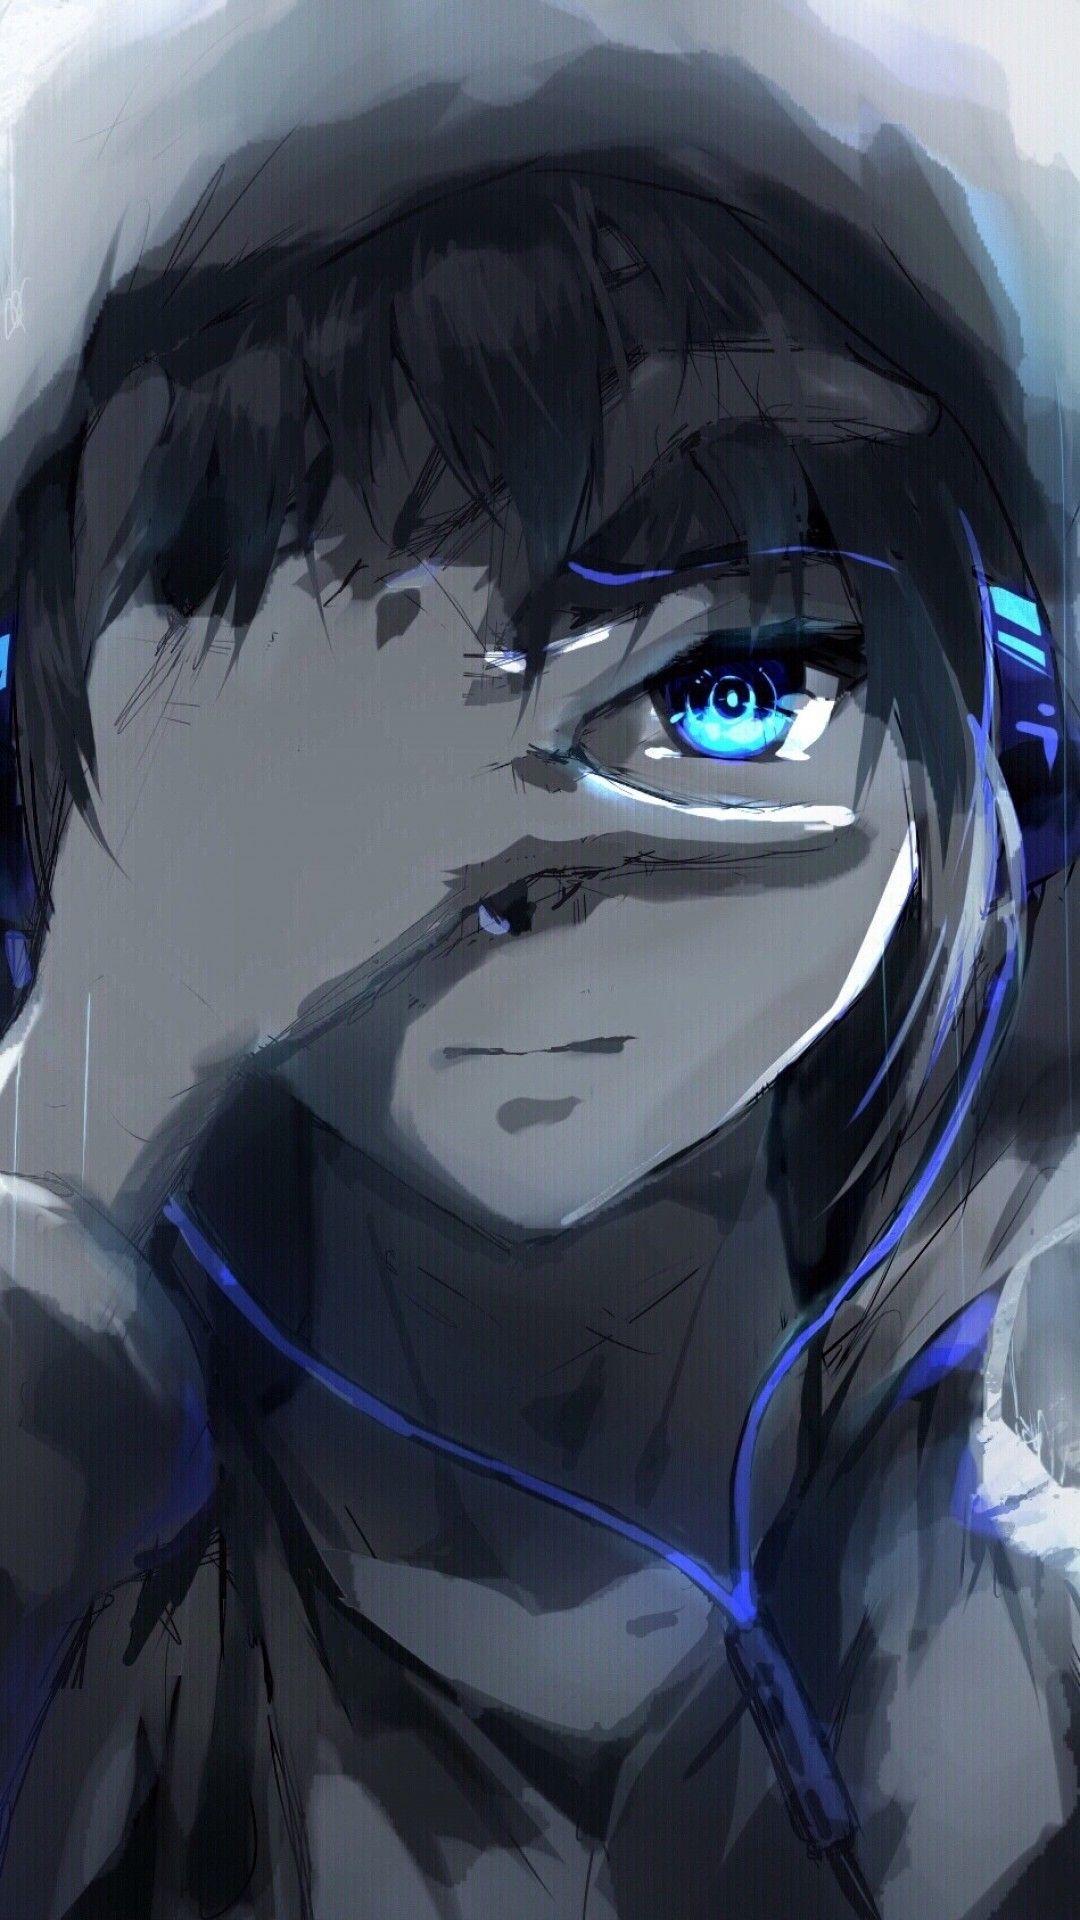 Anime Boy, Hoodie, Blue Eyes, Headphones, Painting in 2019